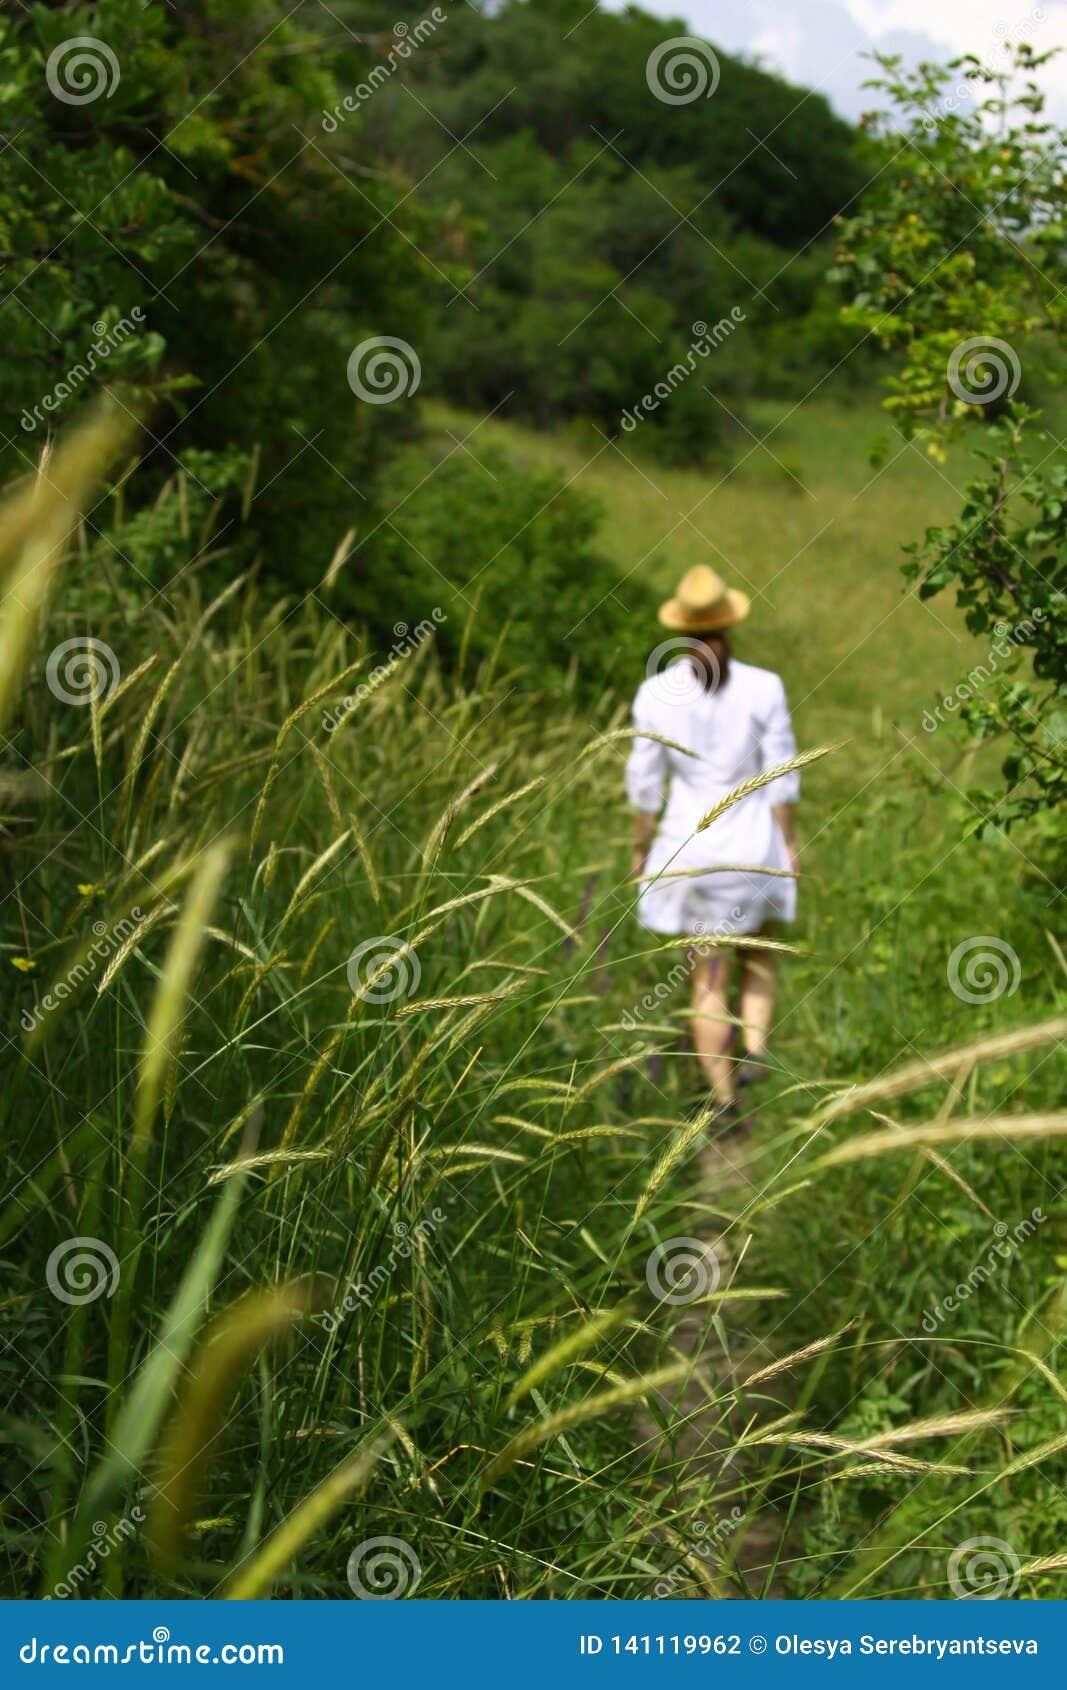 Молодая женщина в белых платье и шляпе идет вдоль пути среди зеленых трав